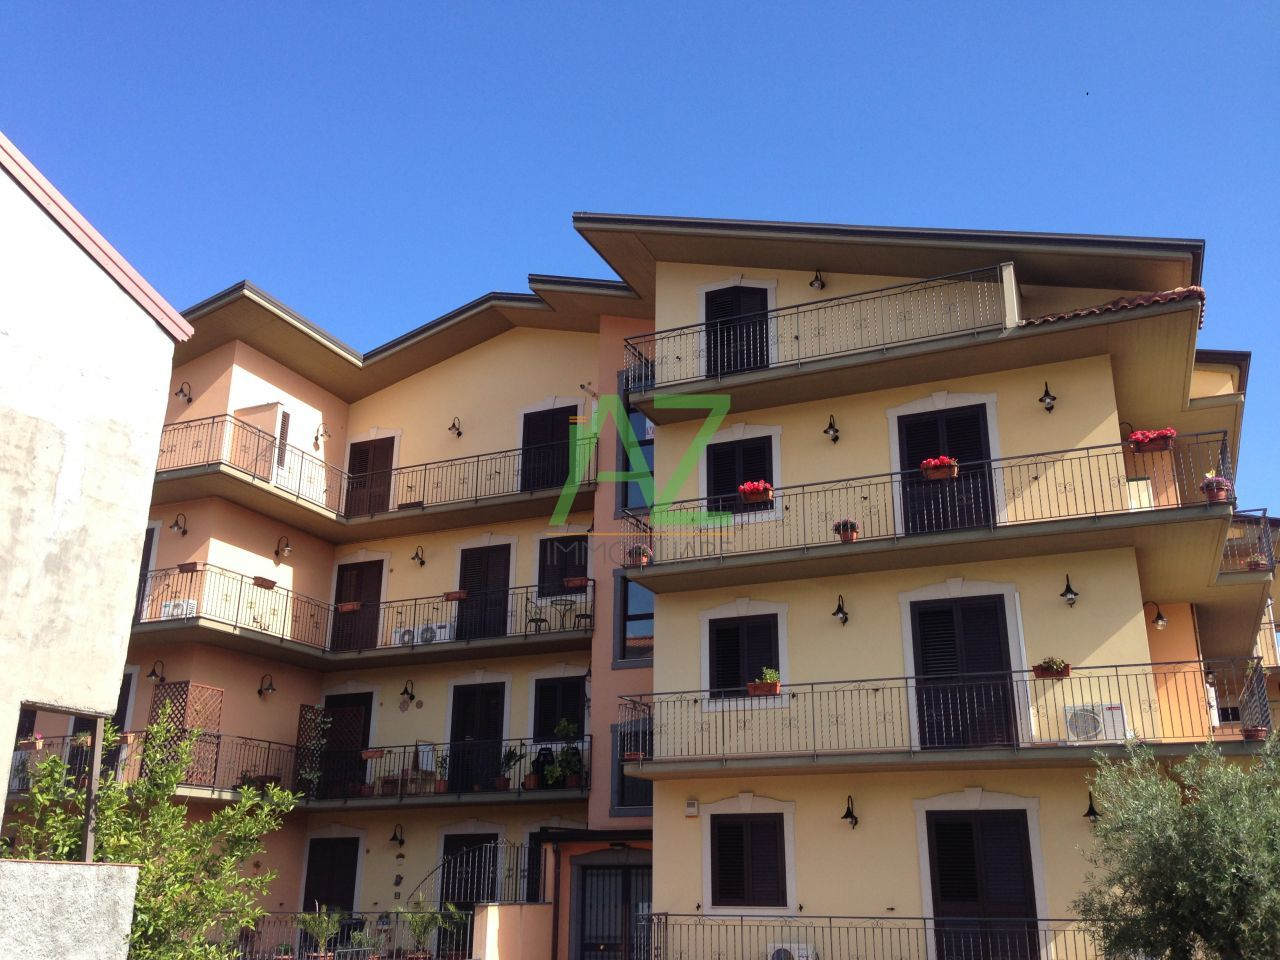 Appartamento - Mansarda a Borrello, Belpasso